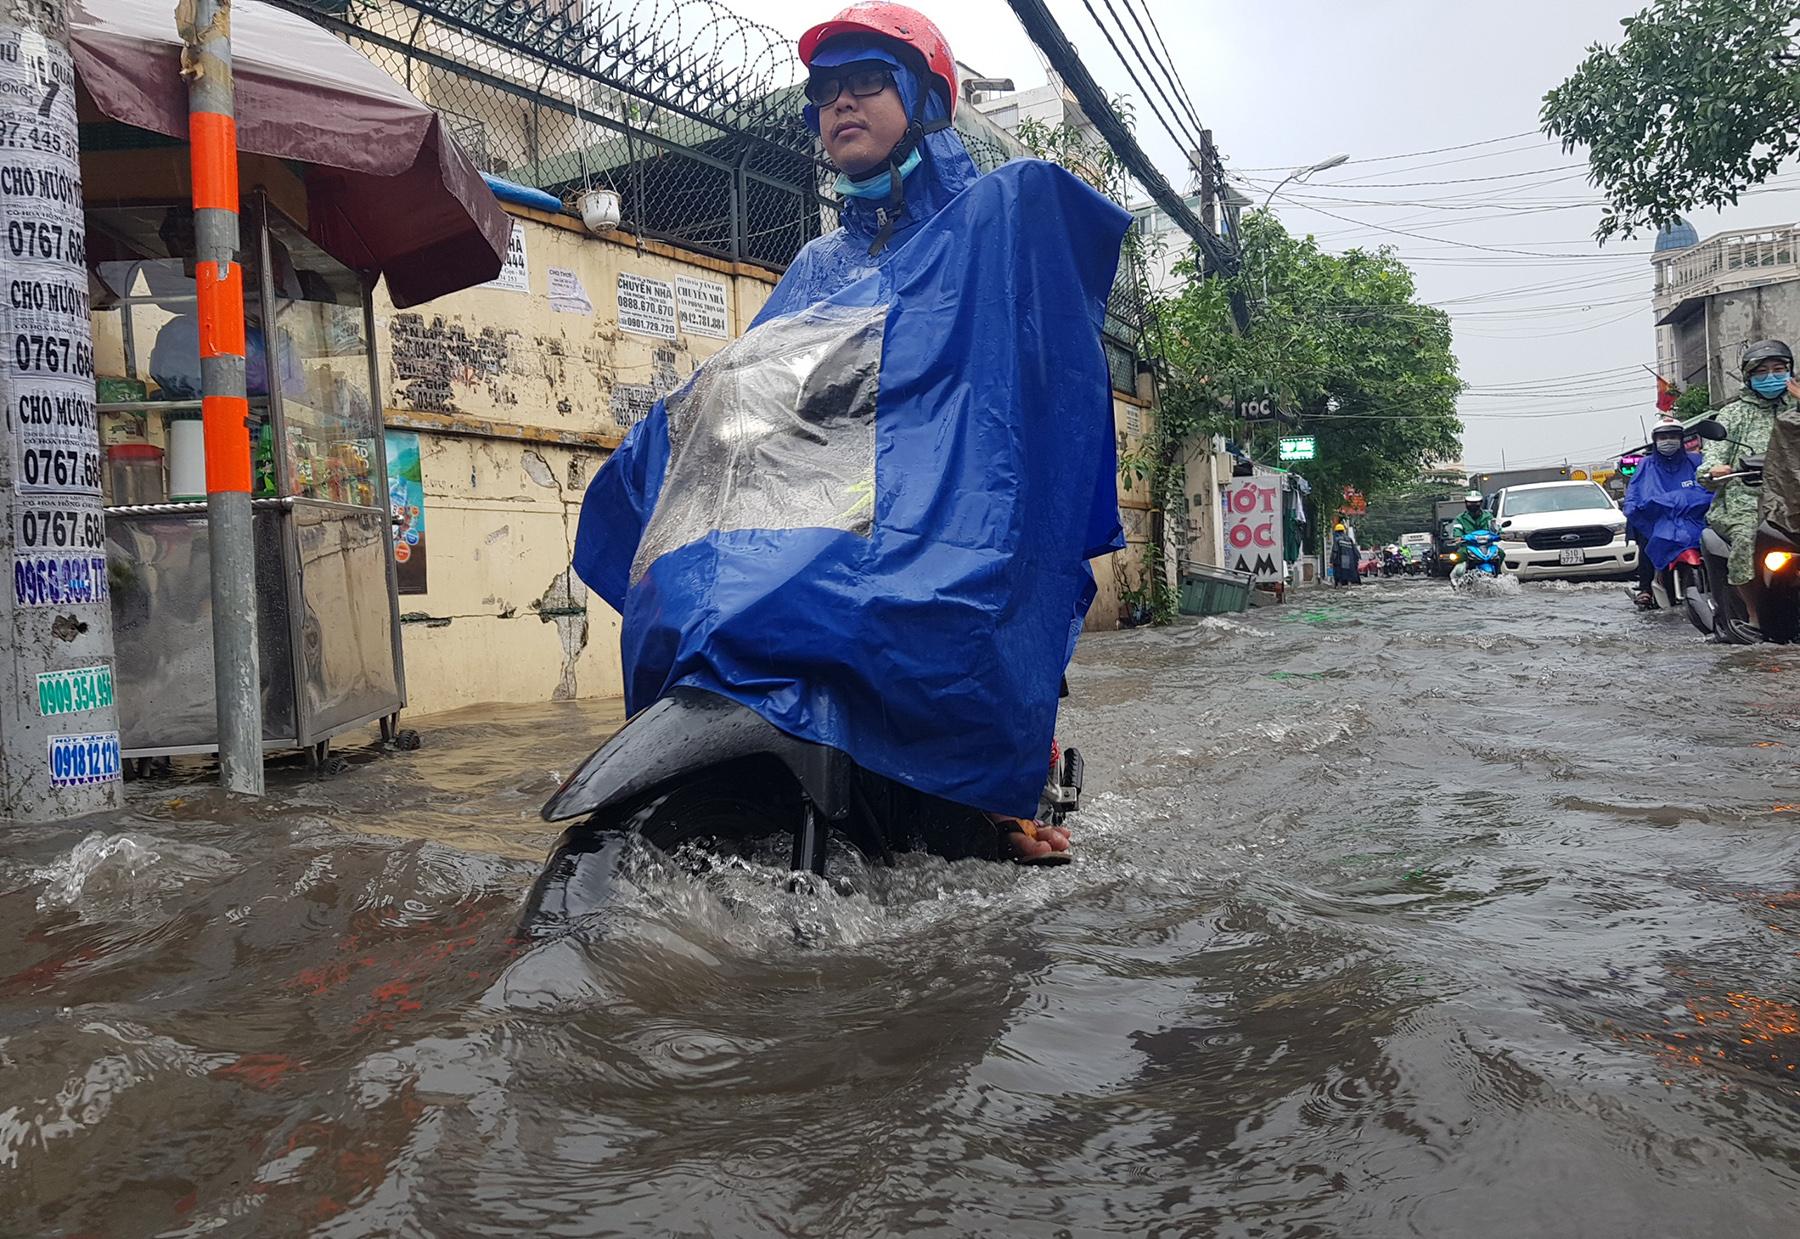 Mưa từ sáng đến trưa, đường Sài Gòn ngập khủng khiếp, nước ngập gần lút bánh xe - 3